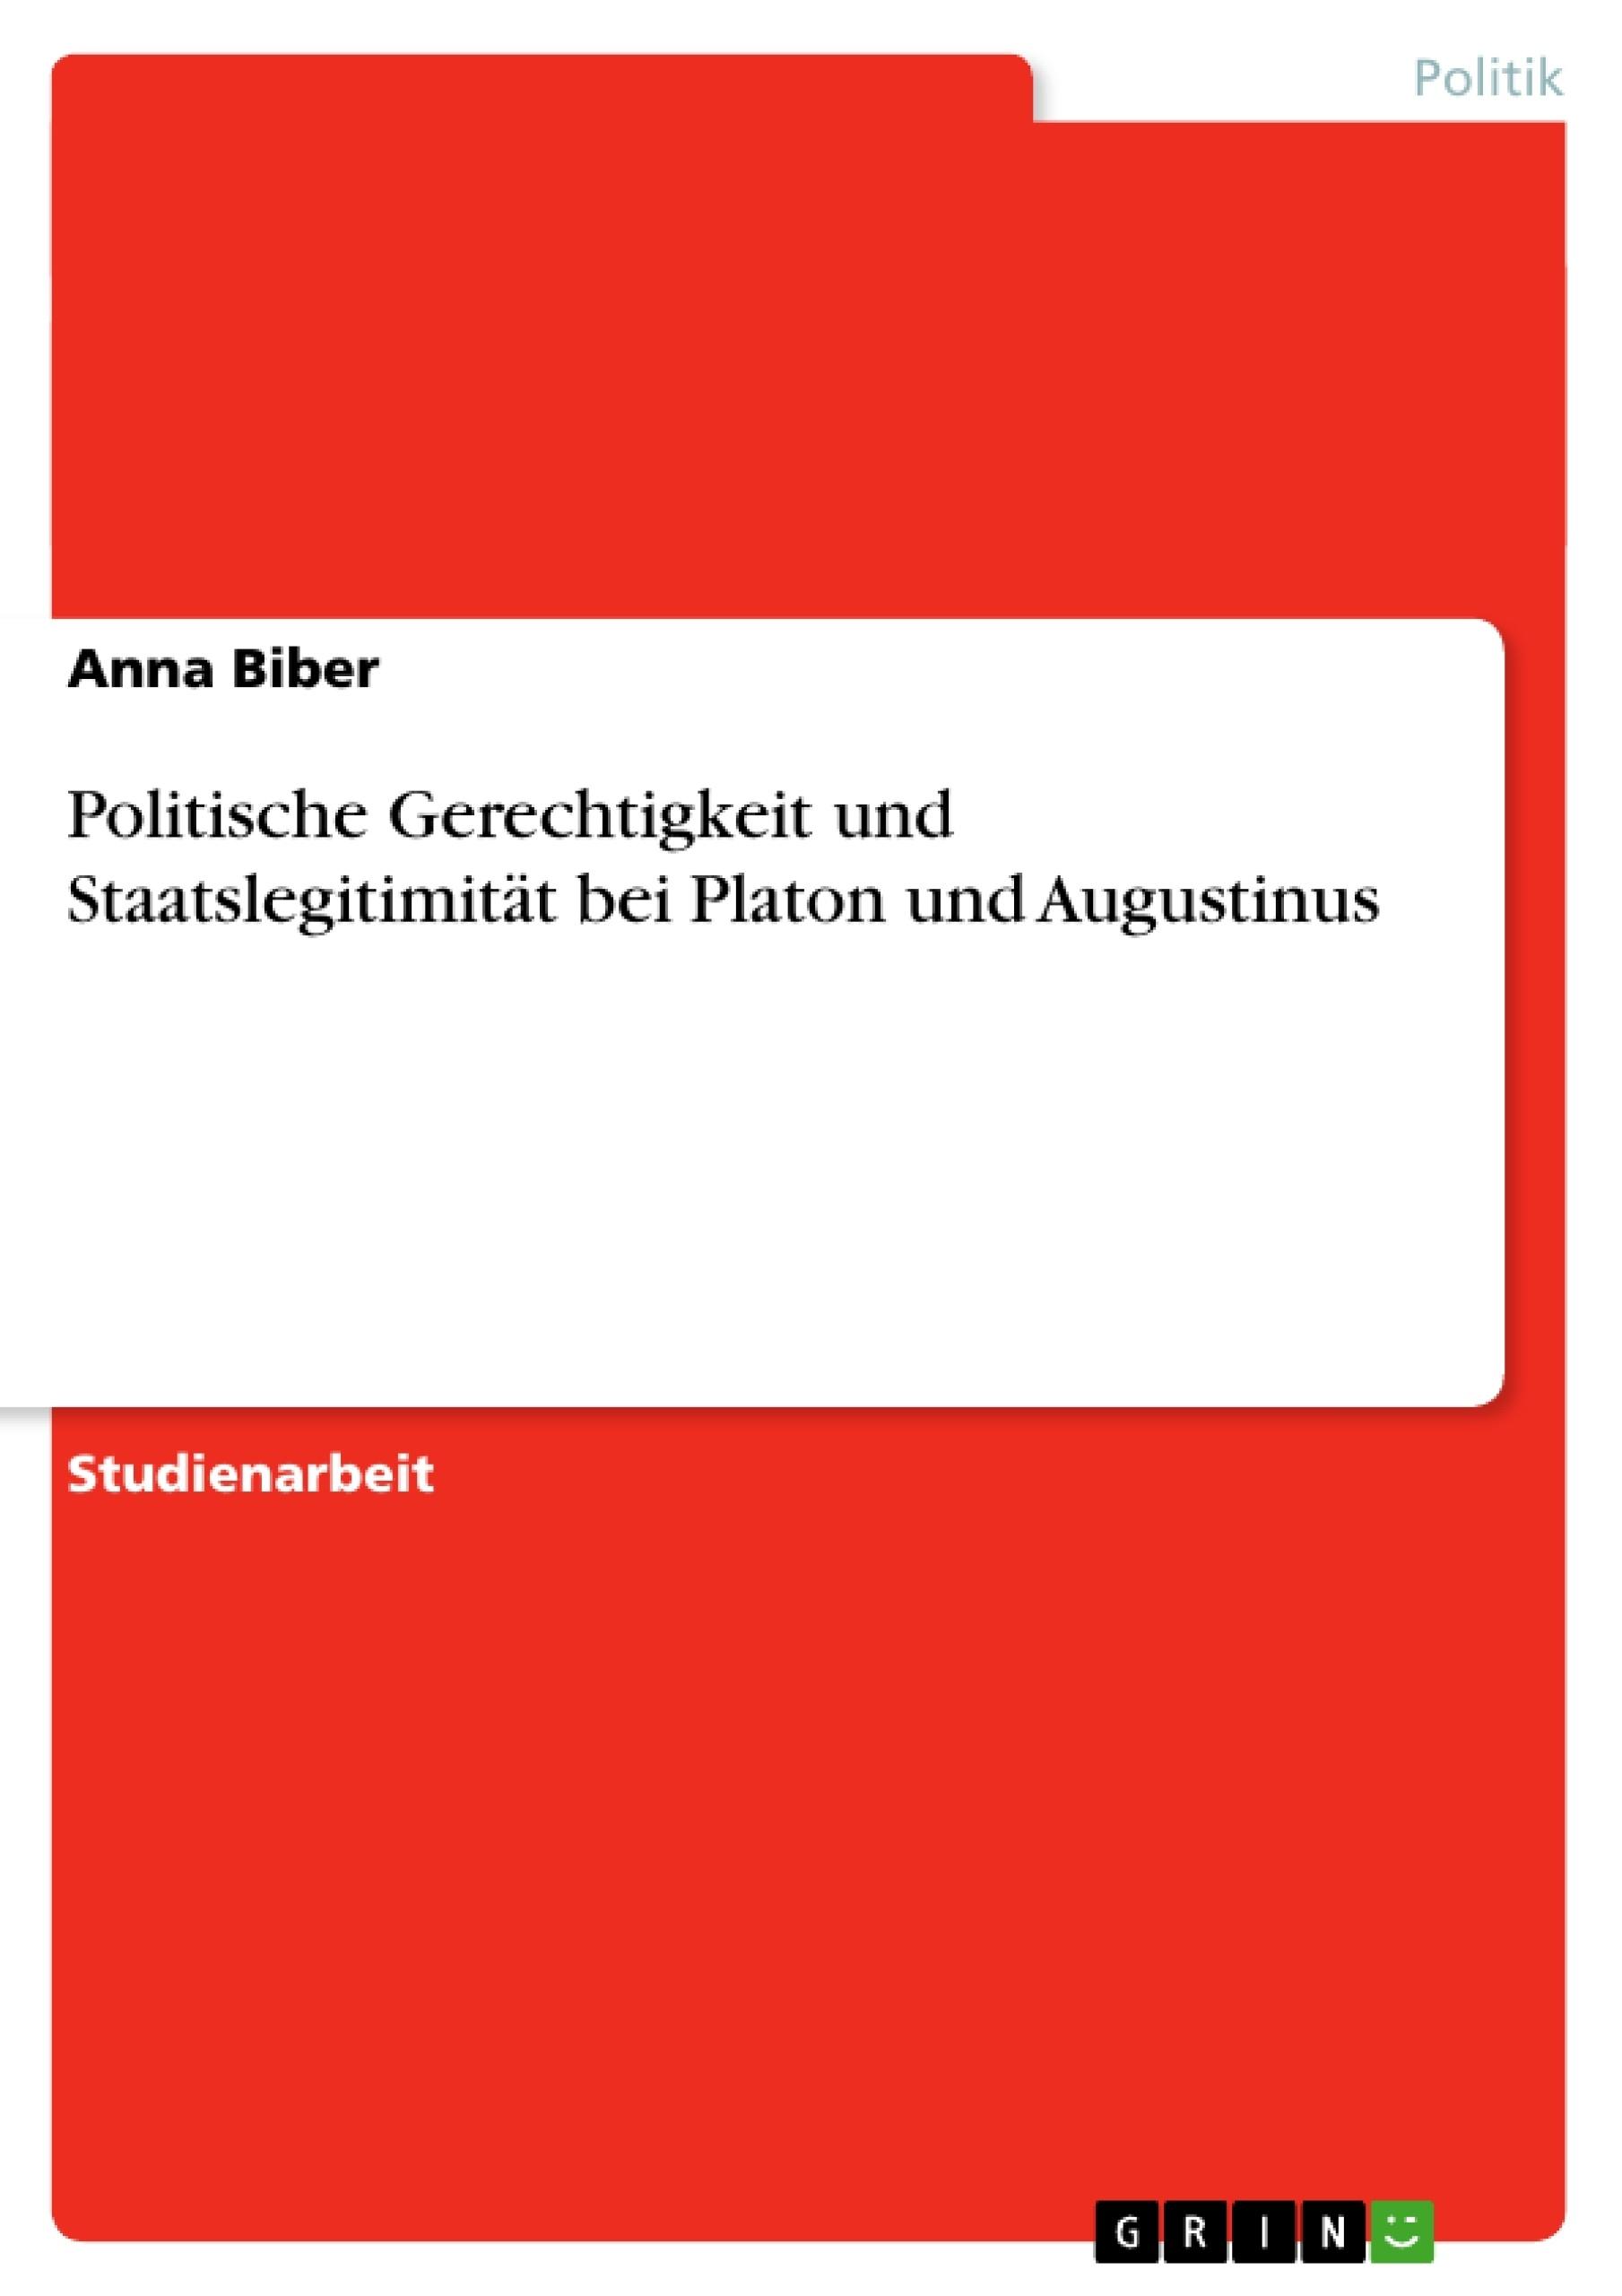 Titel: Politische Gerechtigkeit und Staatslegitimität bei Platon und Augustinus